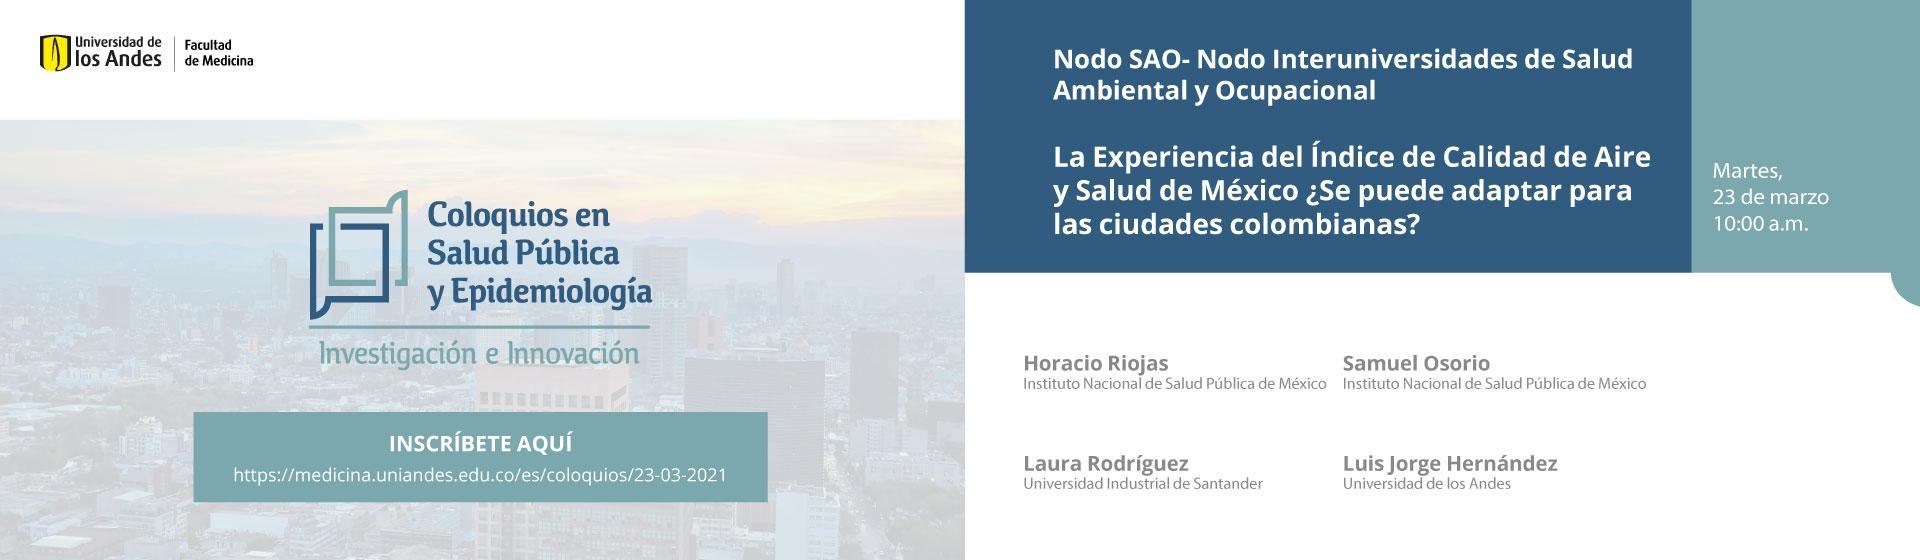 Nodo SAO- Nodo Interuniversidades de Salud Ambiental y Ocupacional